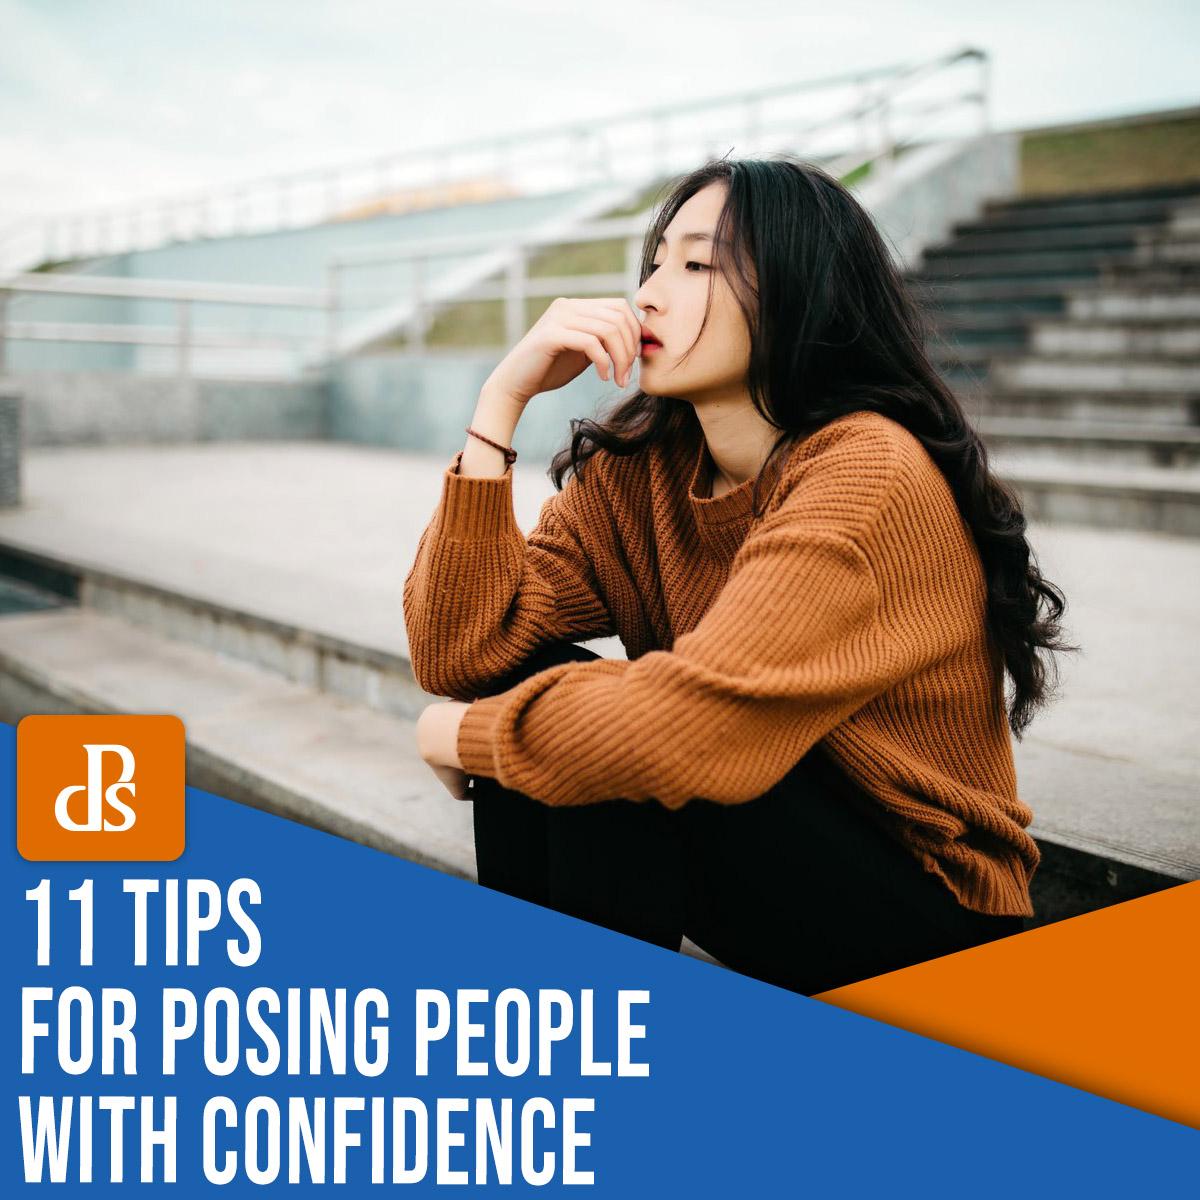 11 dicas para posar pessoas com confiança